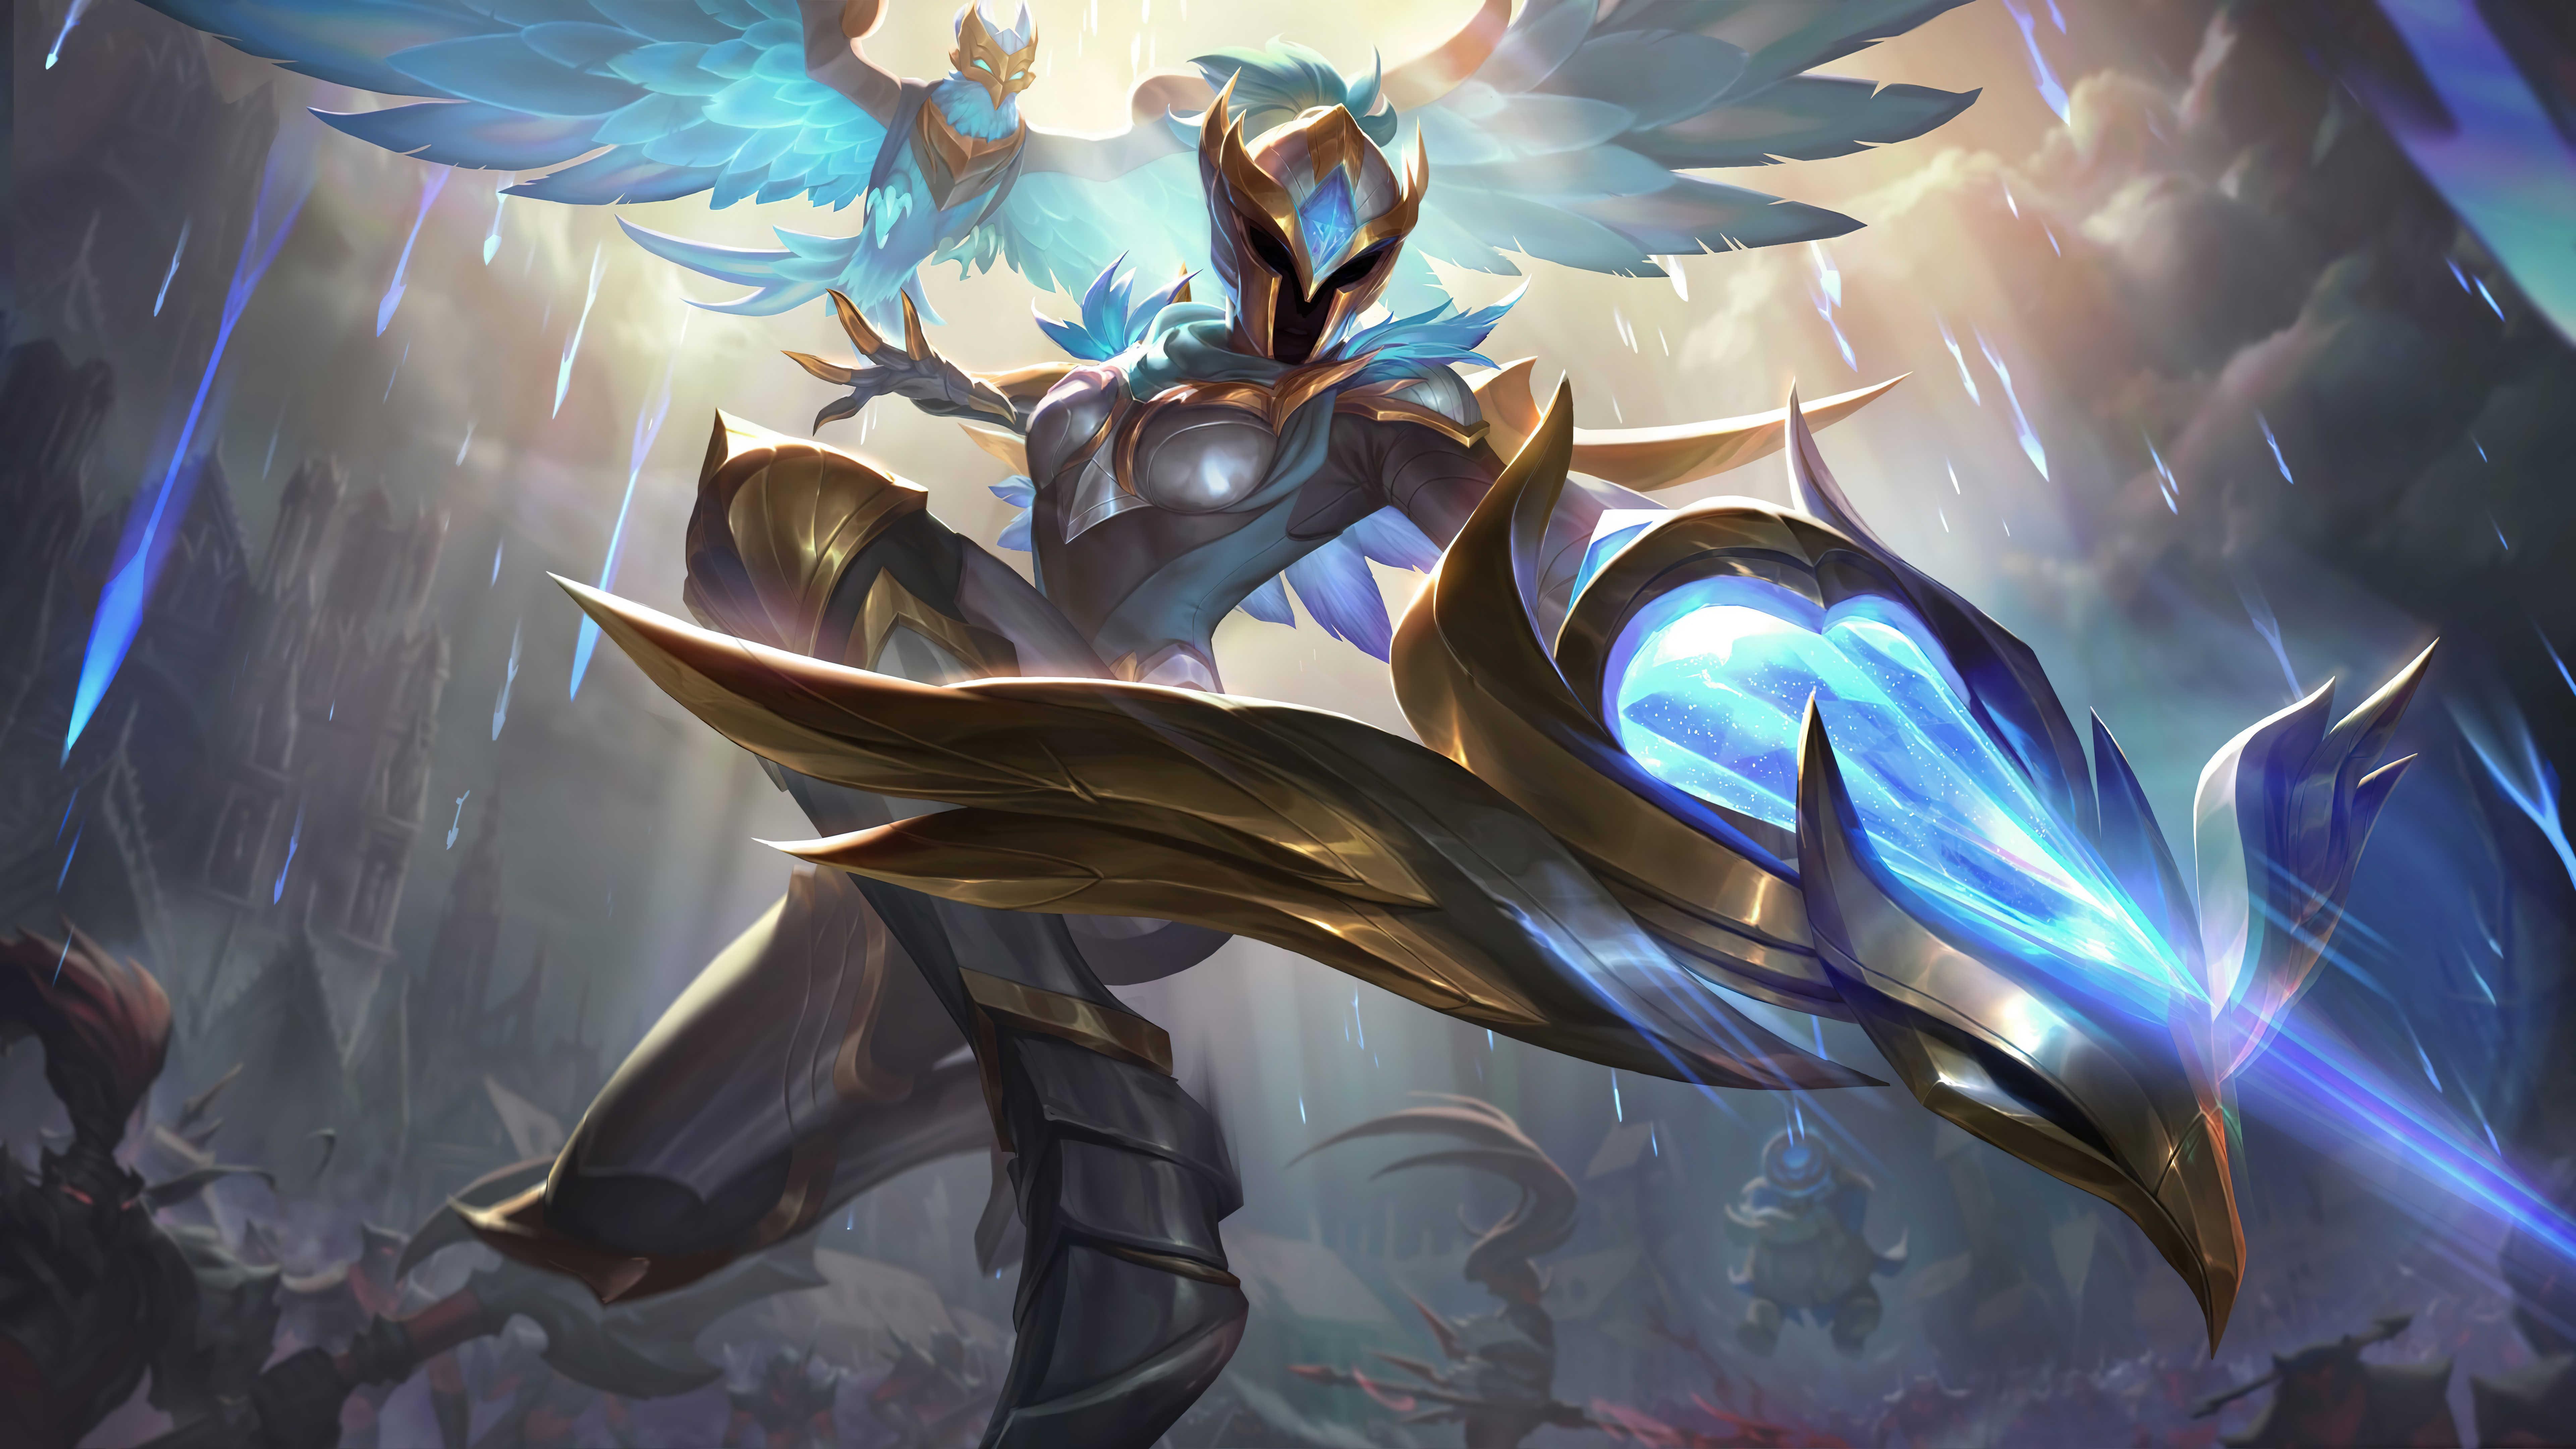 Hd Quinn League Legends Wallpaper Of